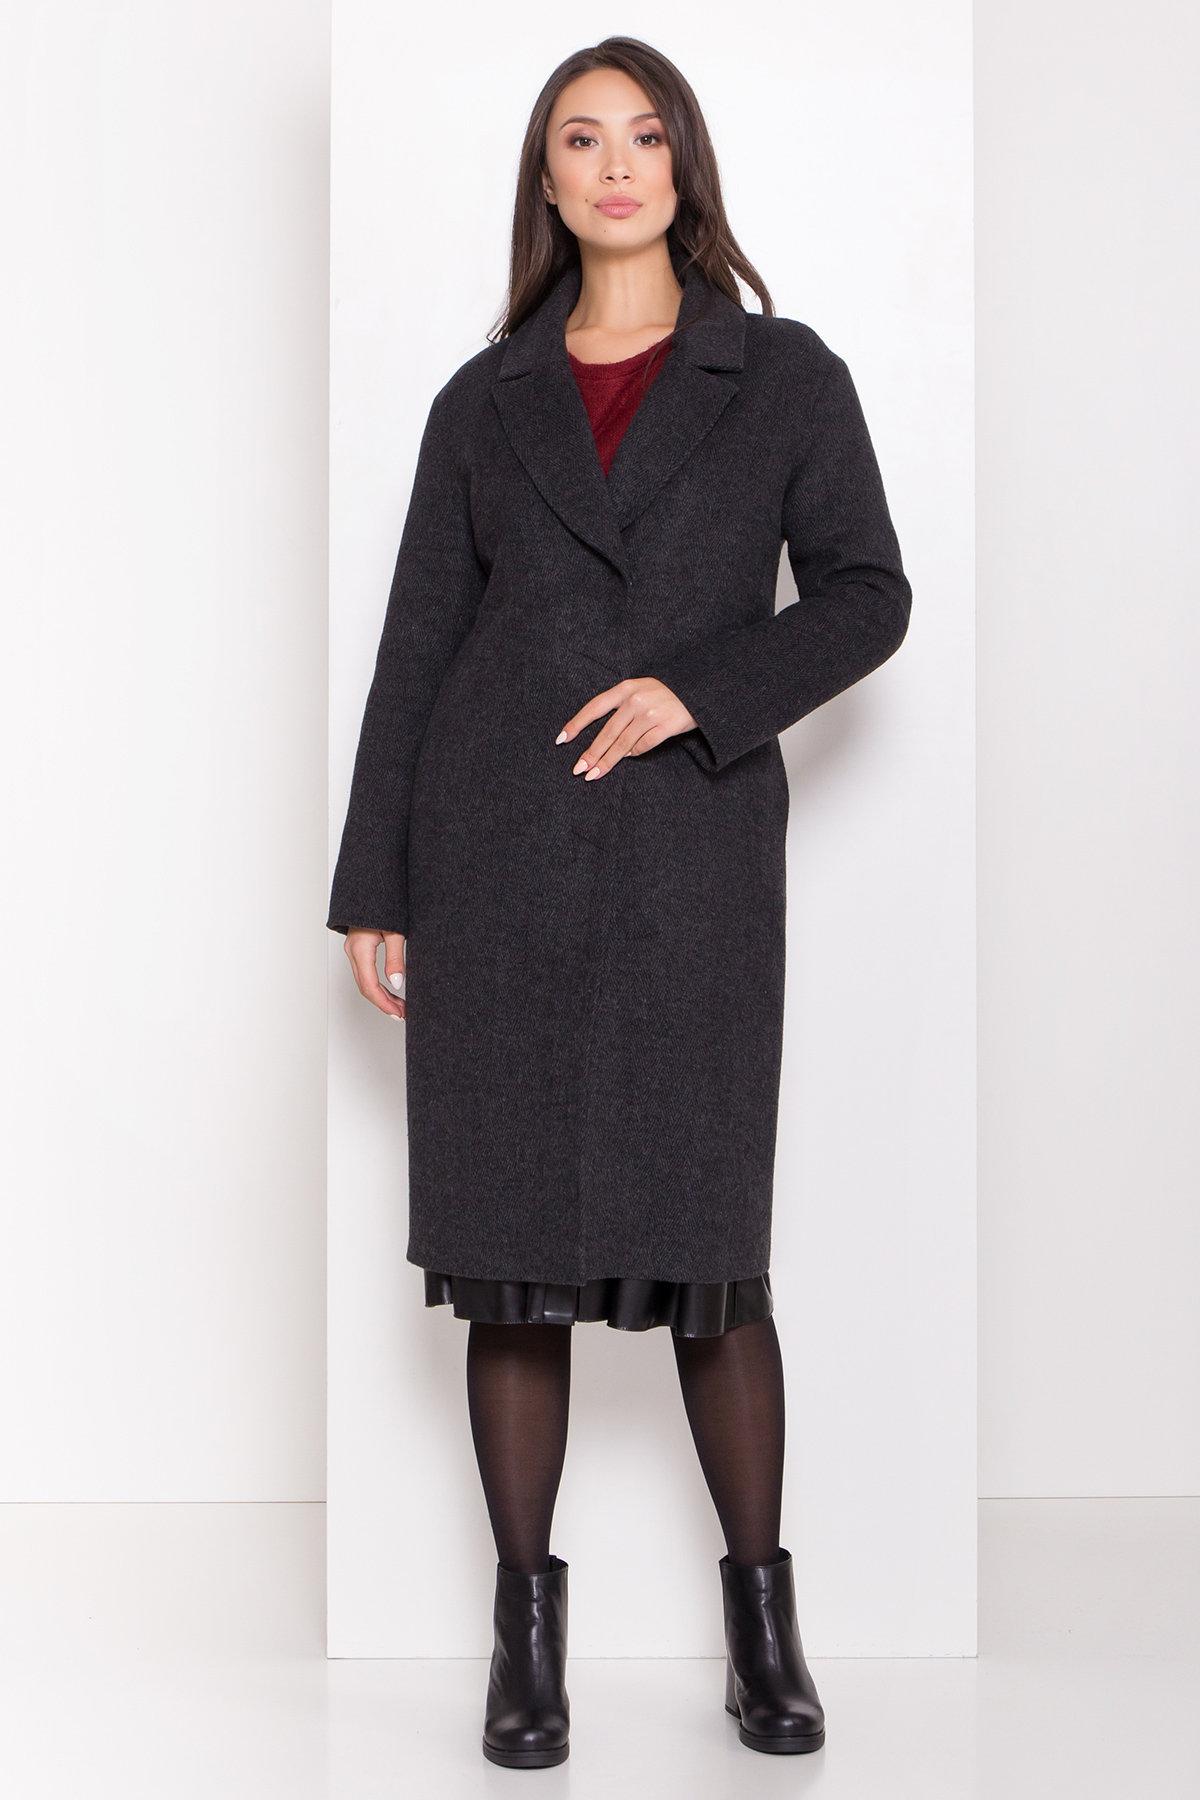 Зимнее пальто полуприталенного кроя Севен 8262 АРТ. 44329 Цвет: Чёрный/молоко - фото 2, интернет магазин tm-modus.ru